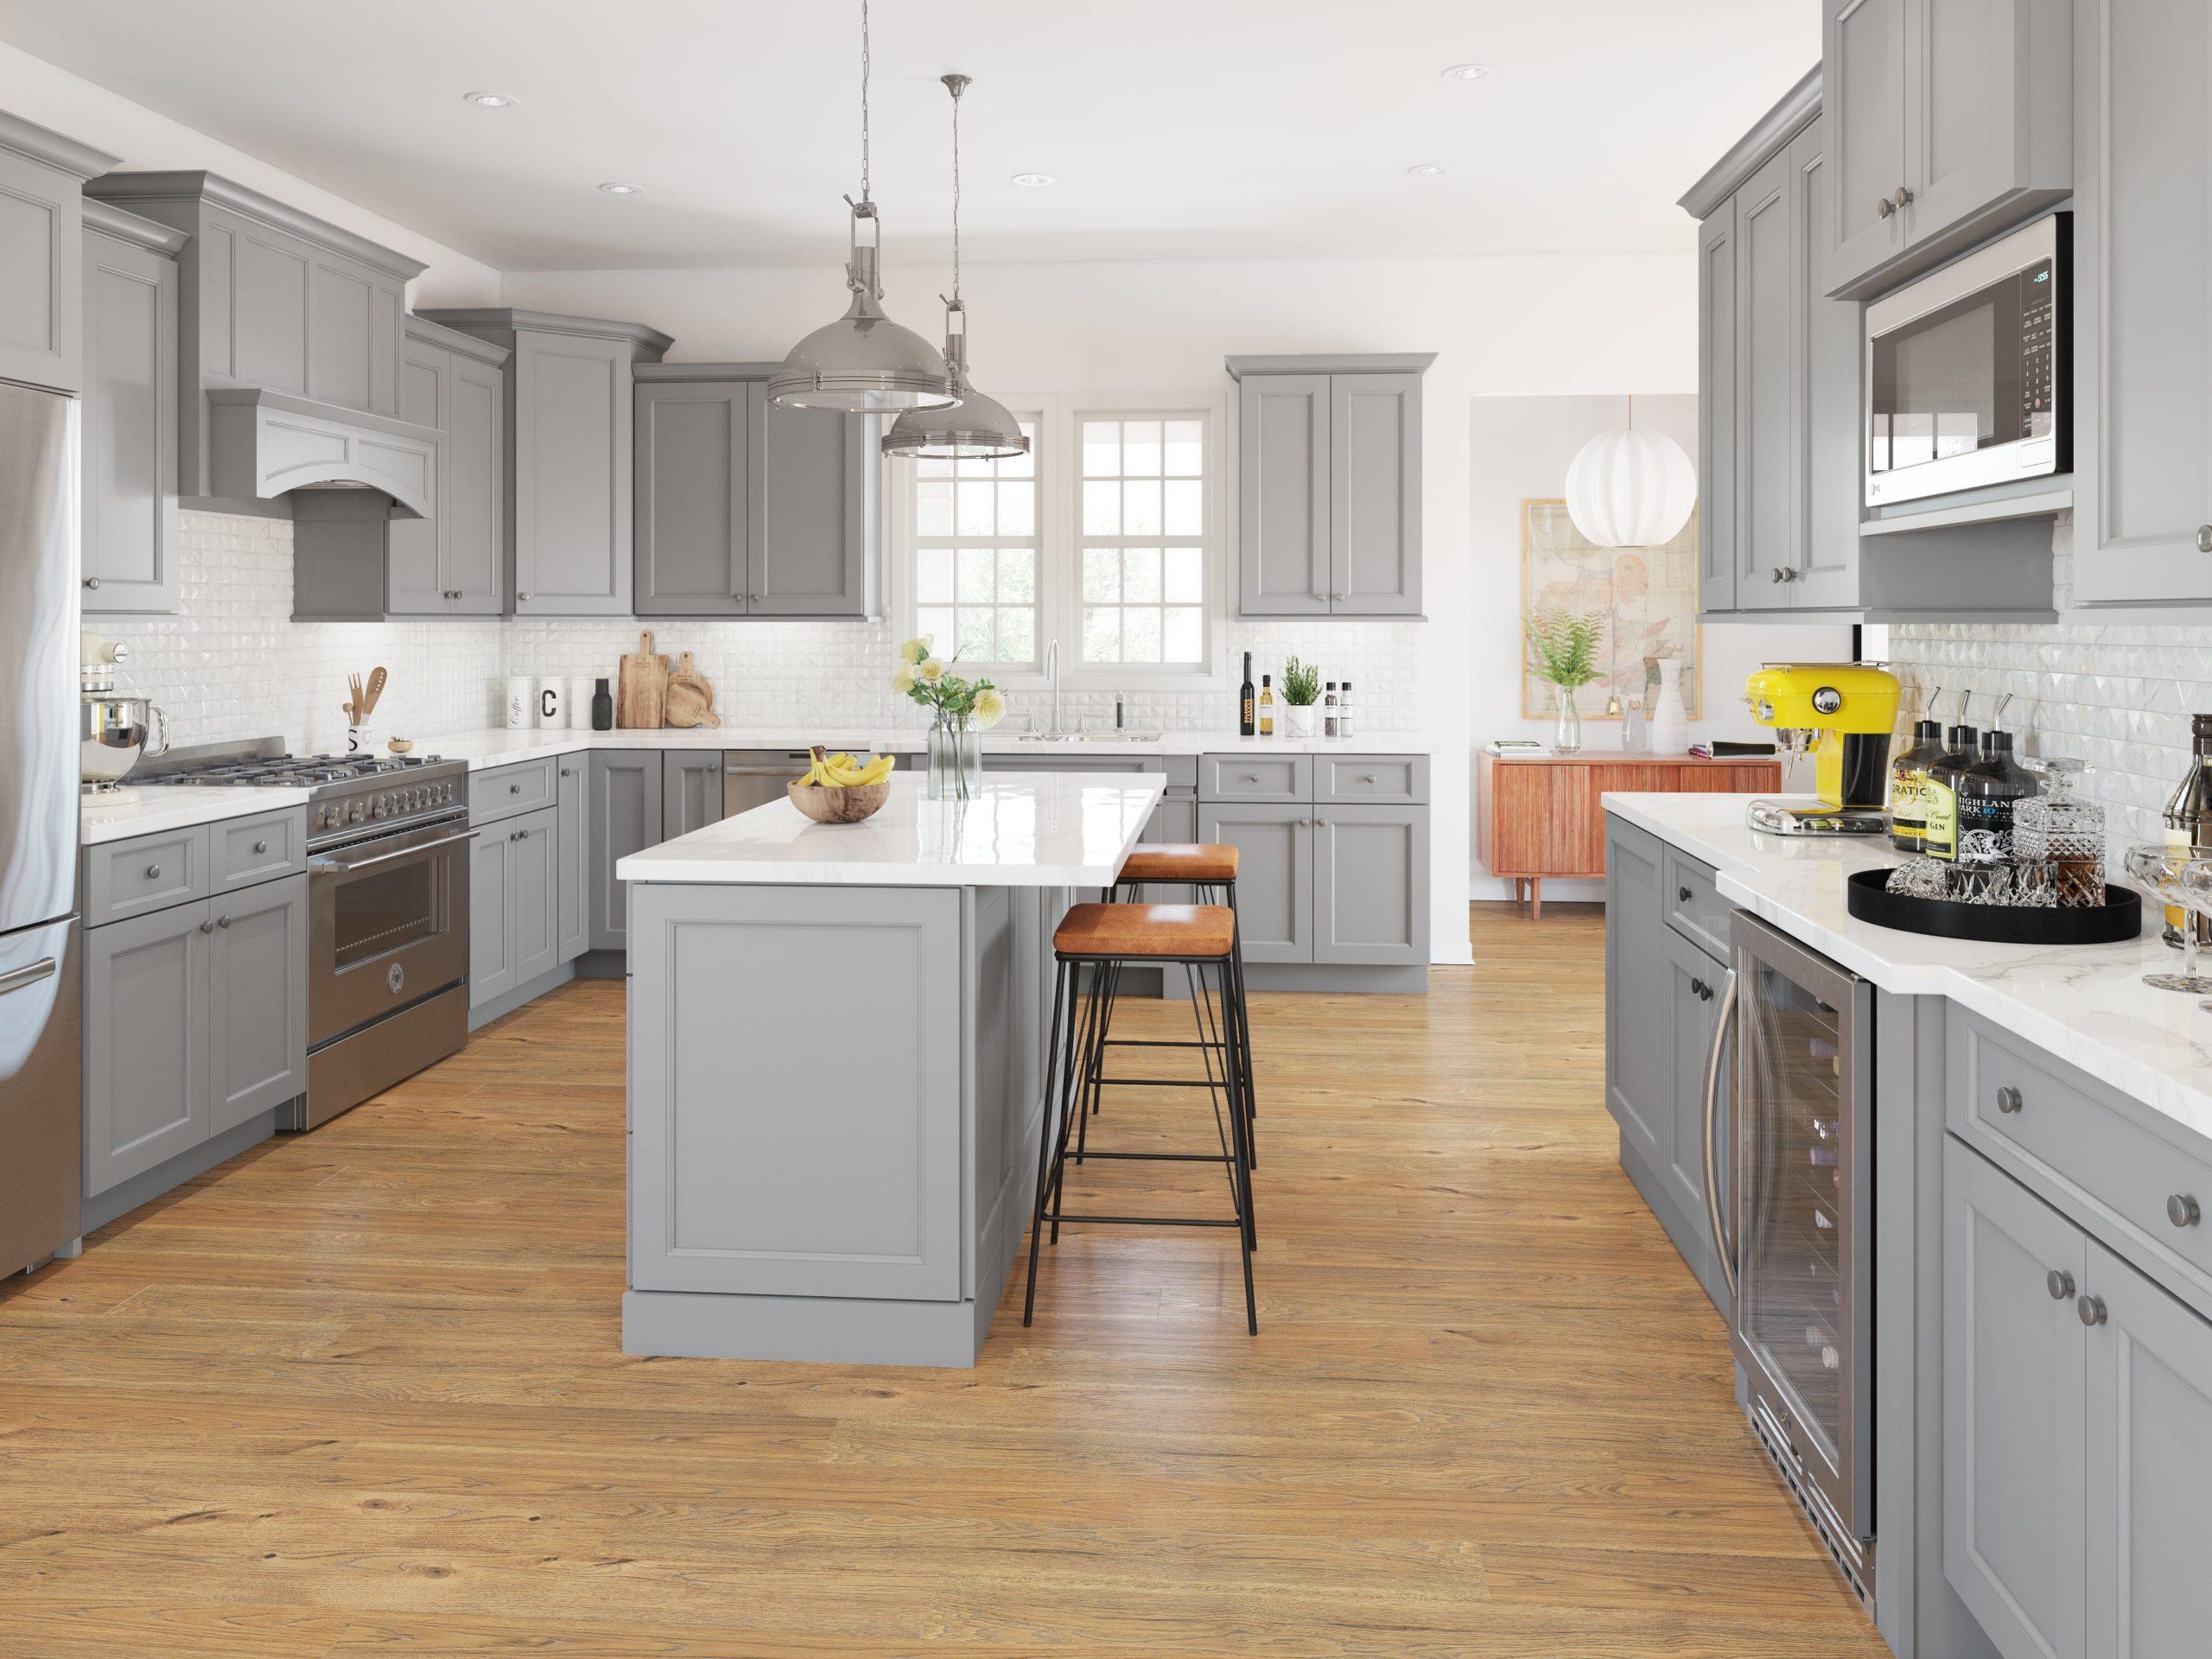 New kitchen featuring Fabuwood Nexus Slate shaker gray kitchen cabinets